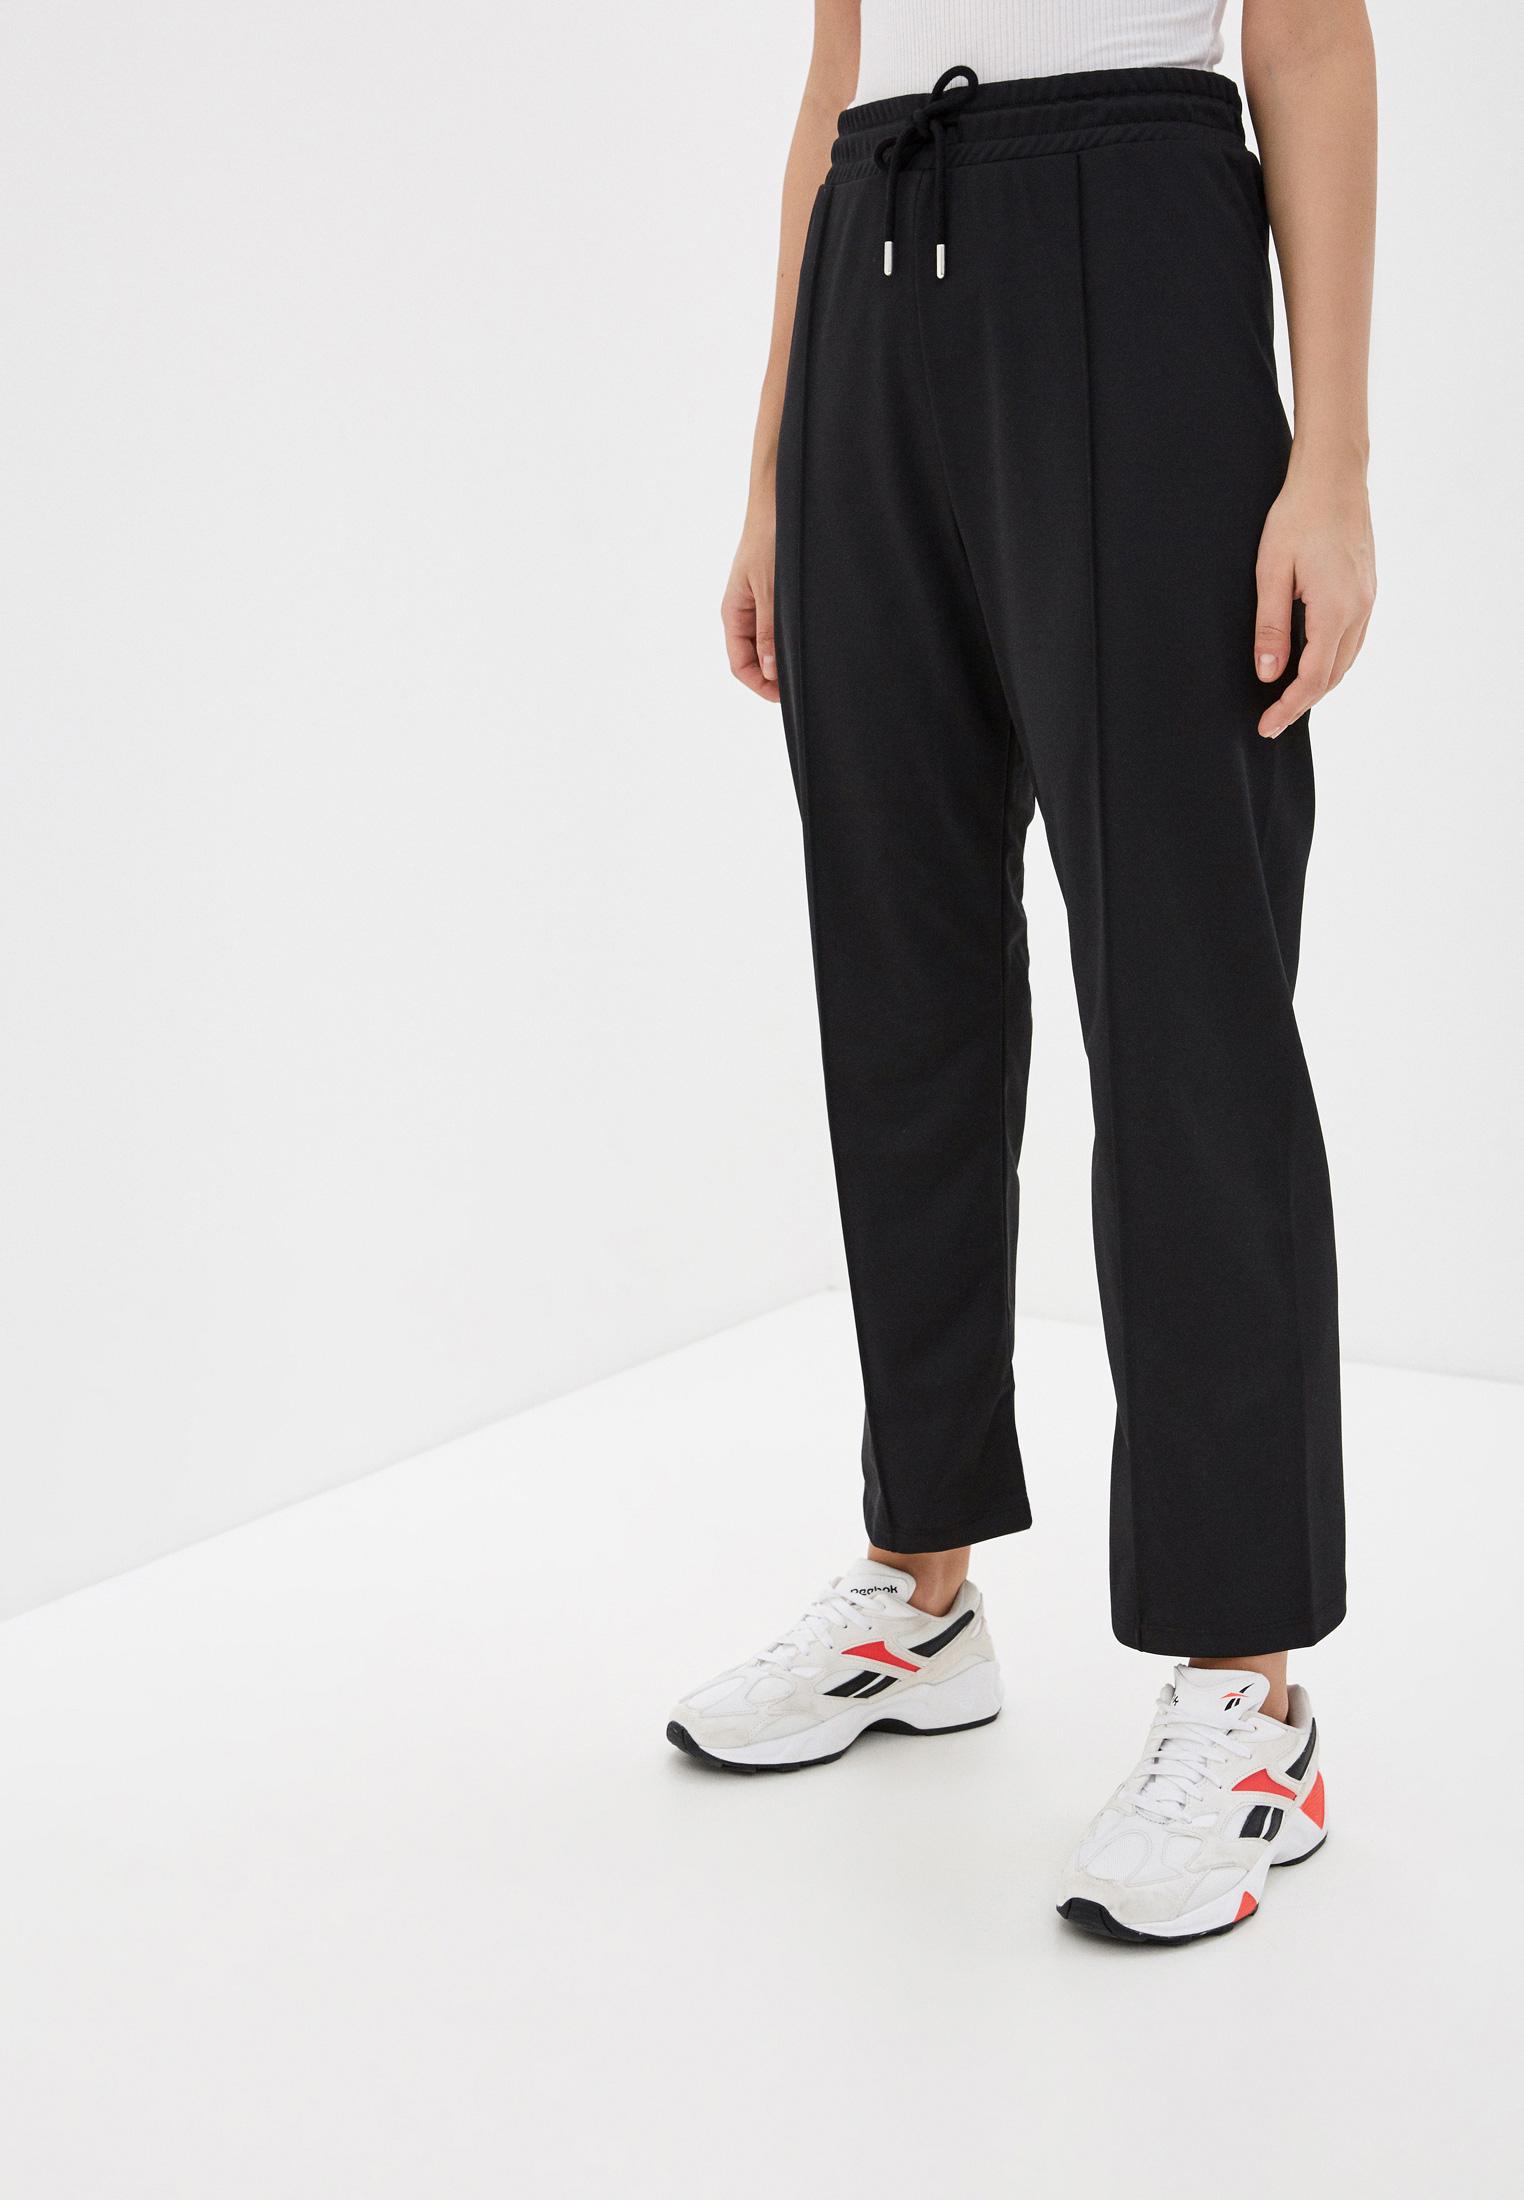 Женские спортивные брюки Topshop Petite 26E15SBLK